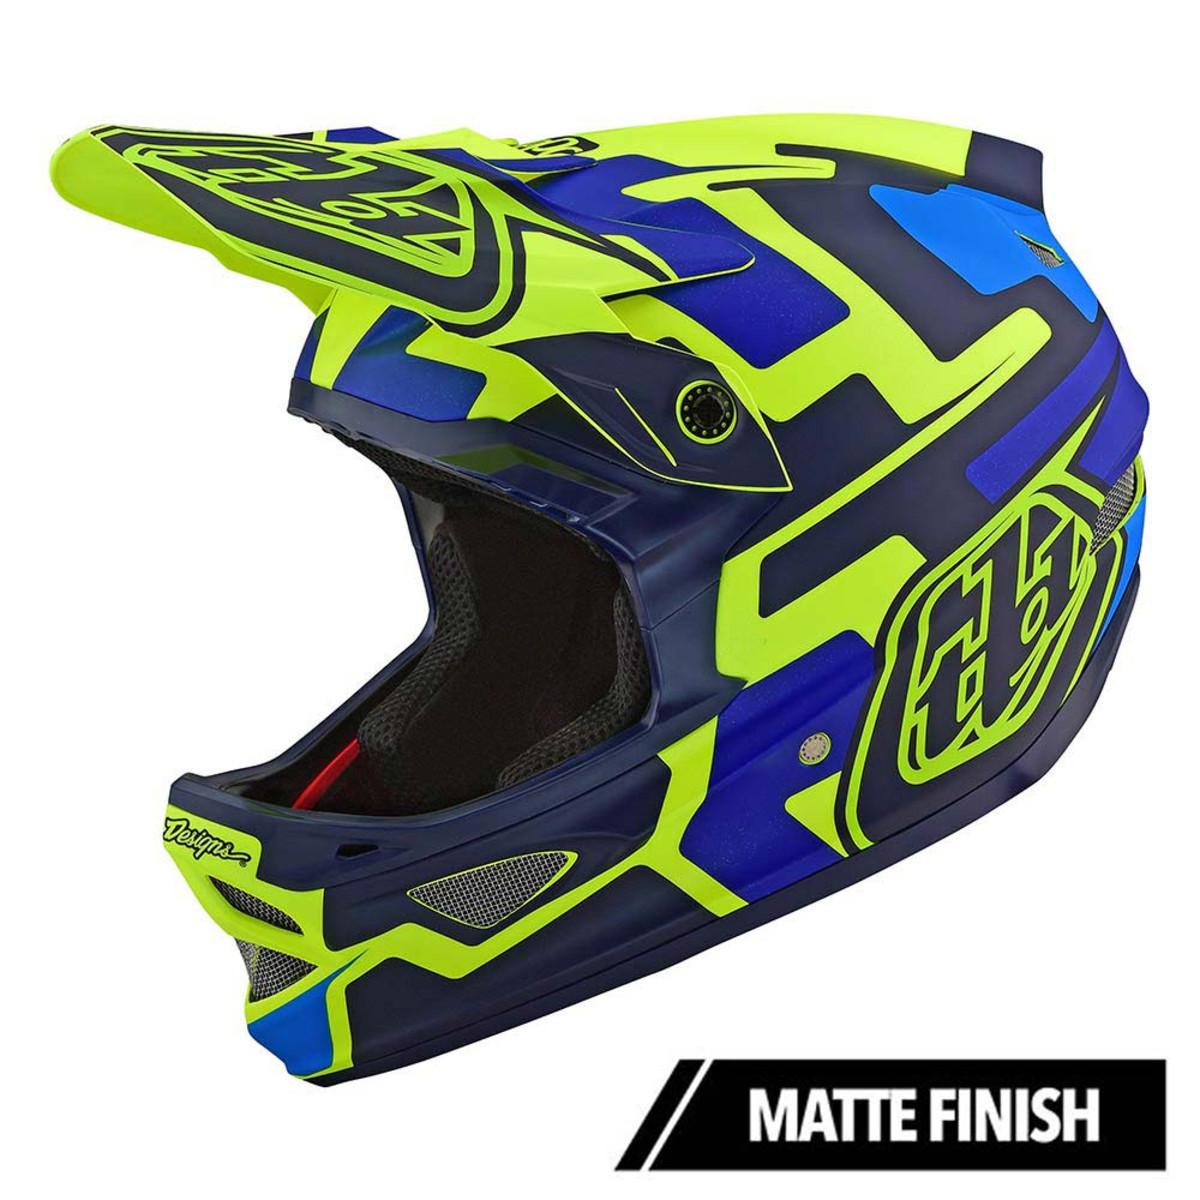 Вело шлем TLD D3 Fiberlite  Speedcode [YELLOW / BLUE] размер M